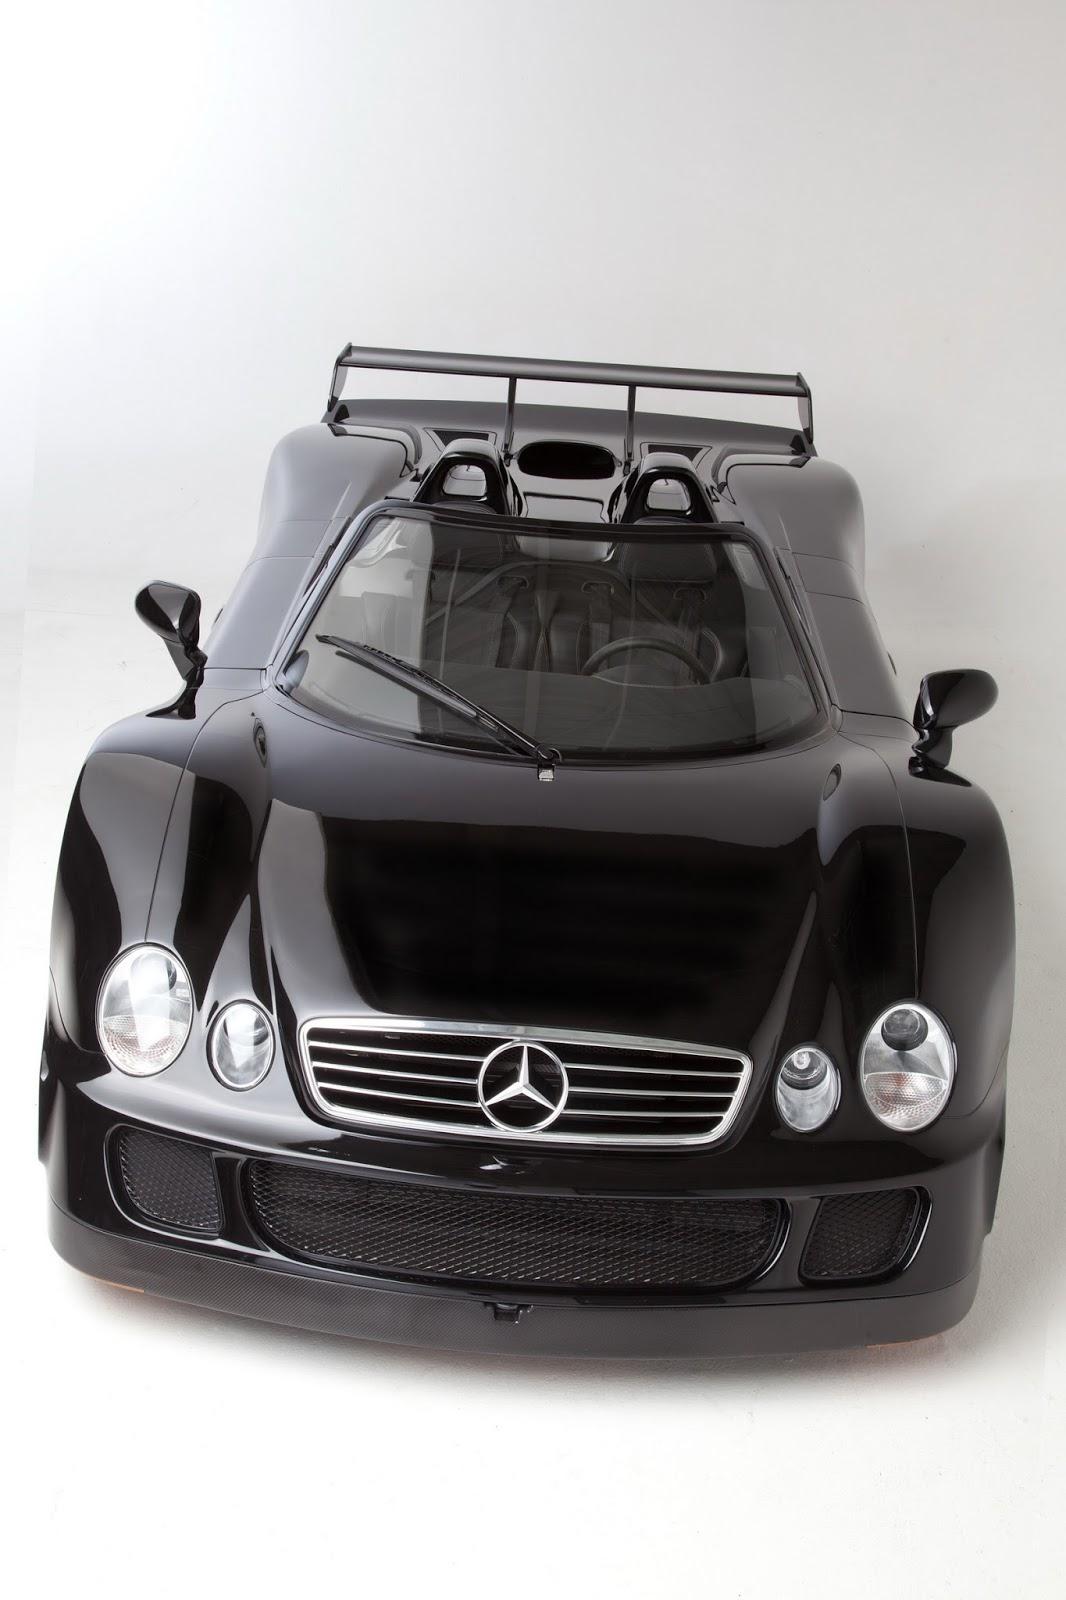 Mercedes Benz Clk Gtr Roadster 1 Revista Del Motor